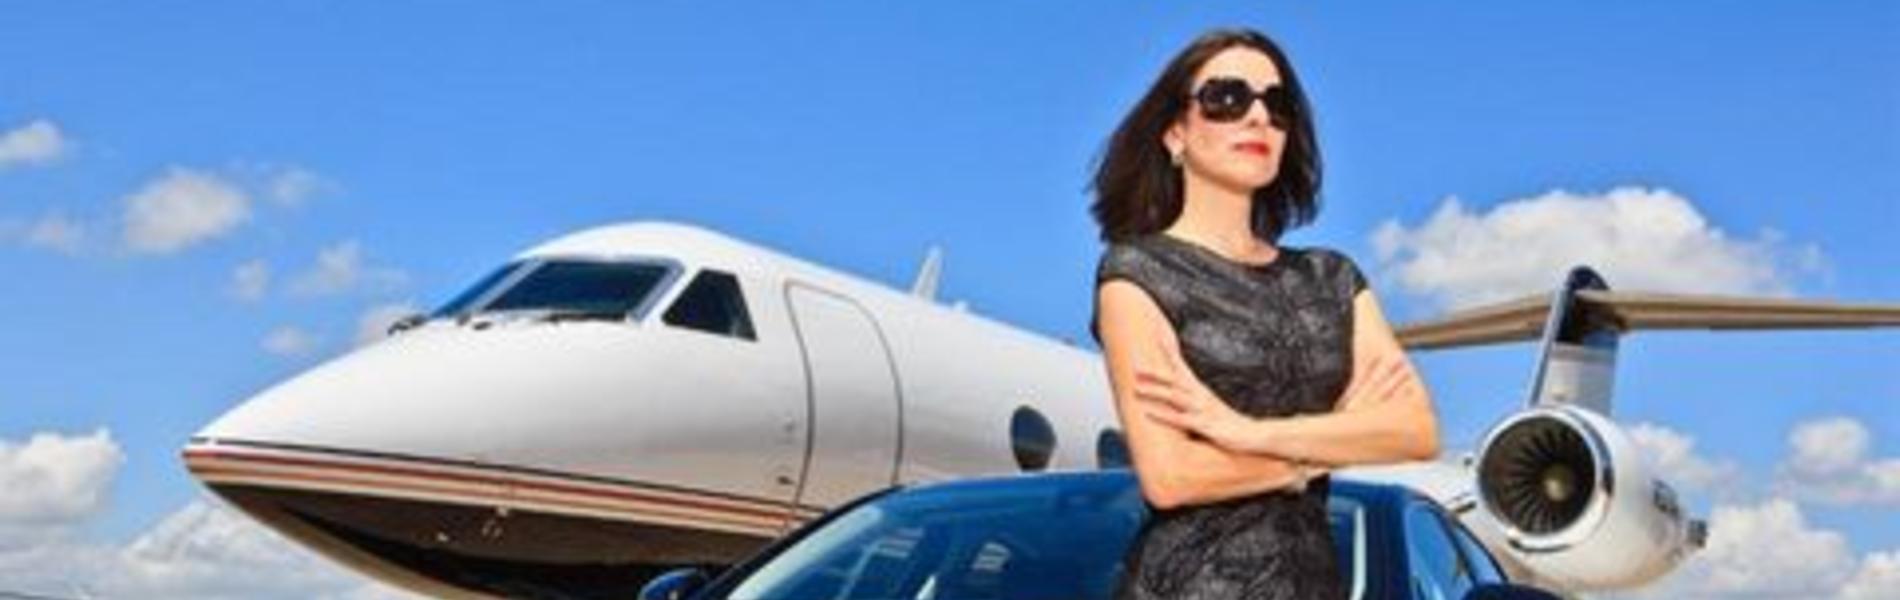 כך הפכה יזמית צעירה את התשוקה שלה לתעופה לעסק של מיליון דולר